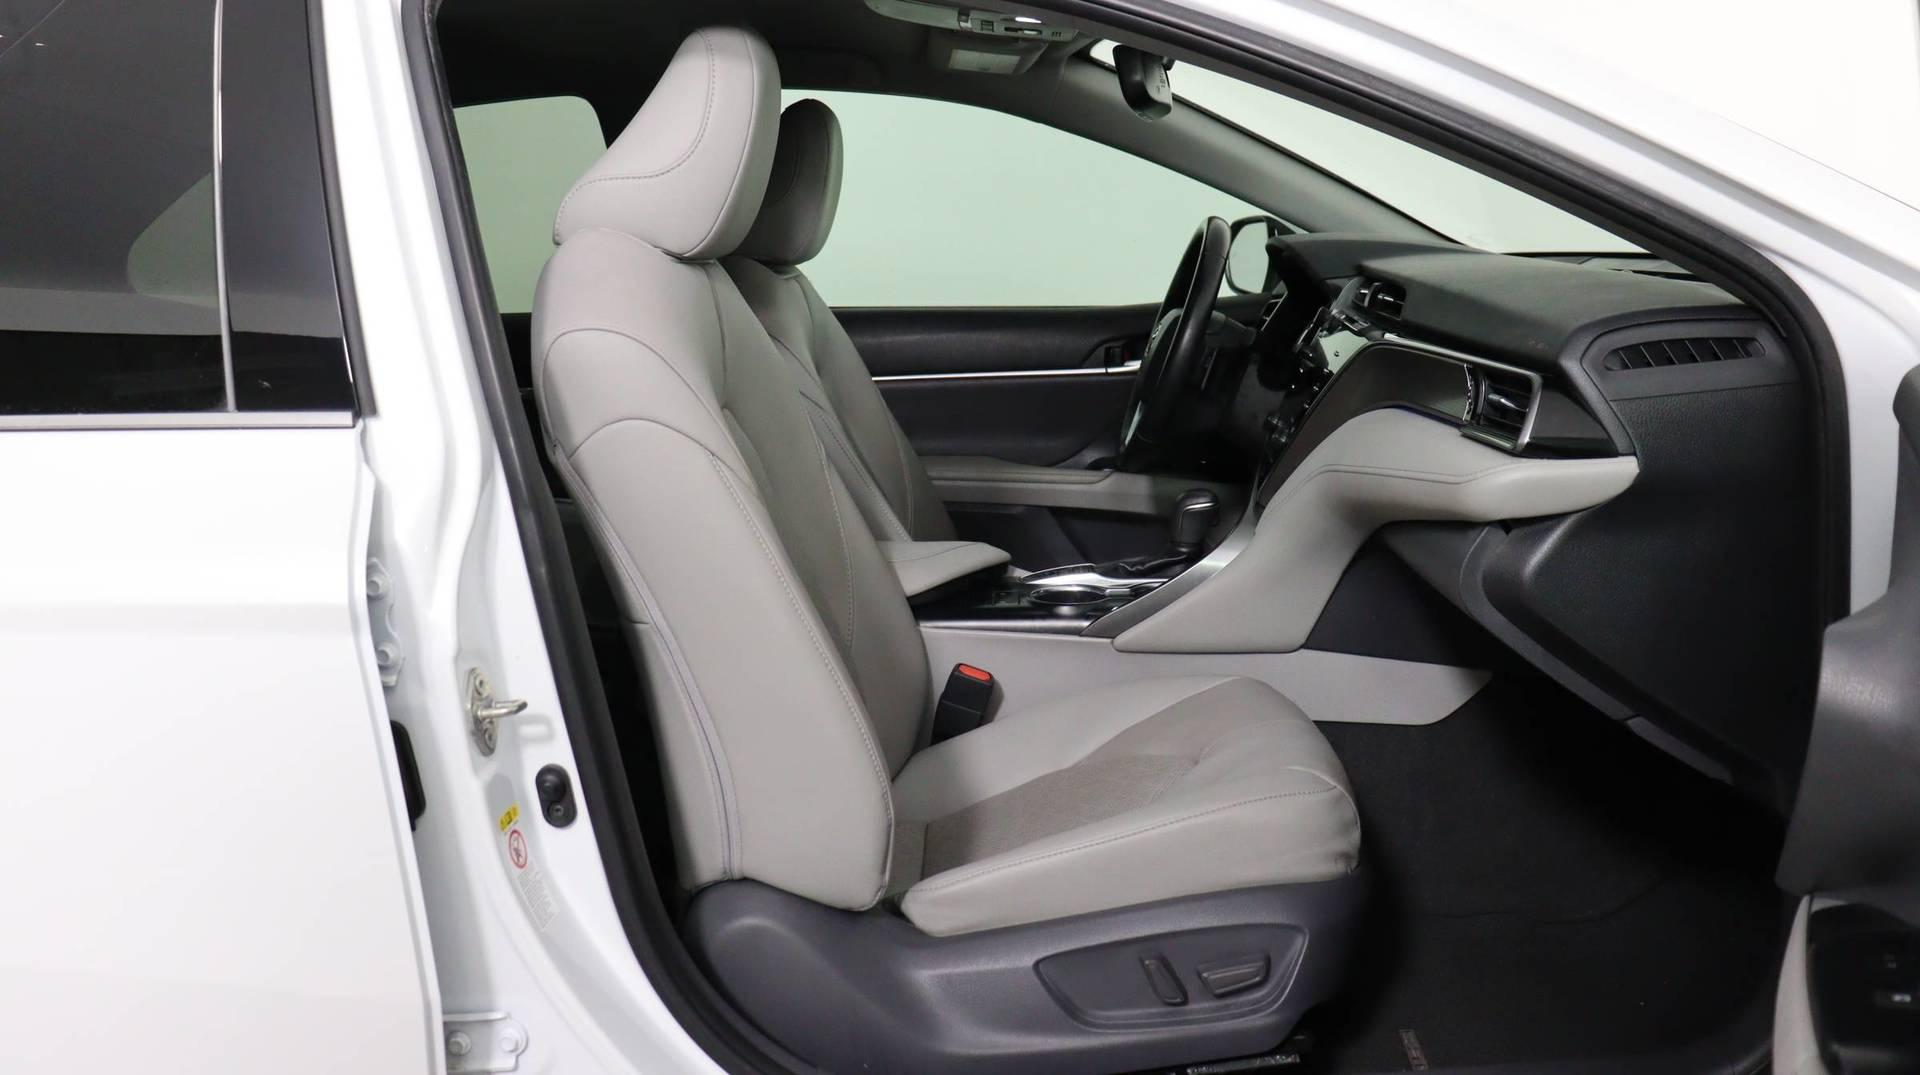 Carvix - Used vehicle - Sedan TOYOTA CAMRY 2019